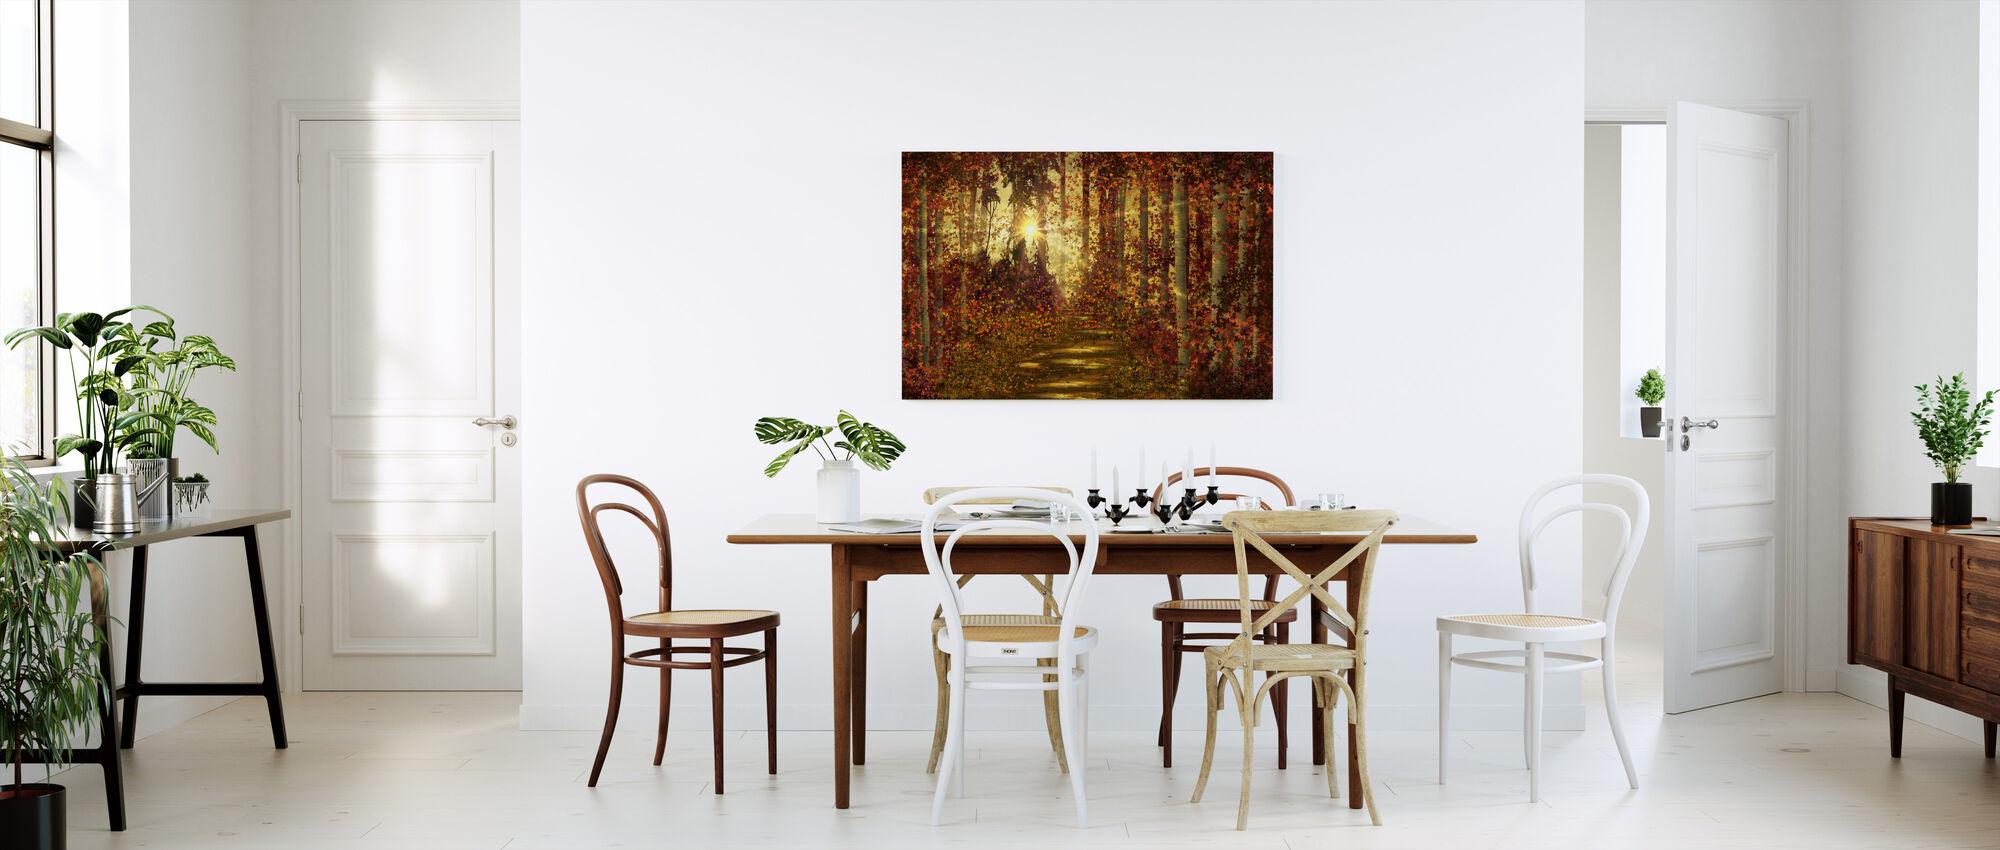 Metsäpolkuja - Canvastaulu - Keittiö